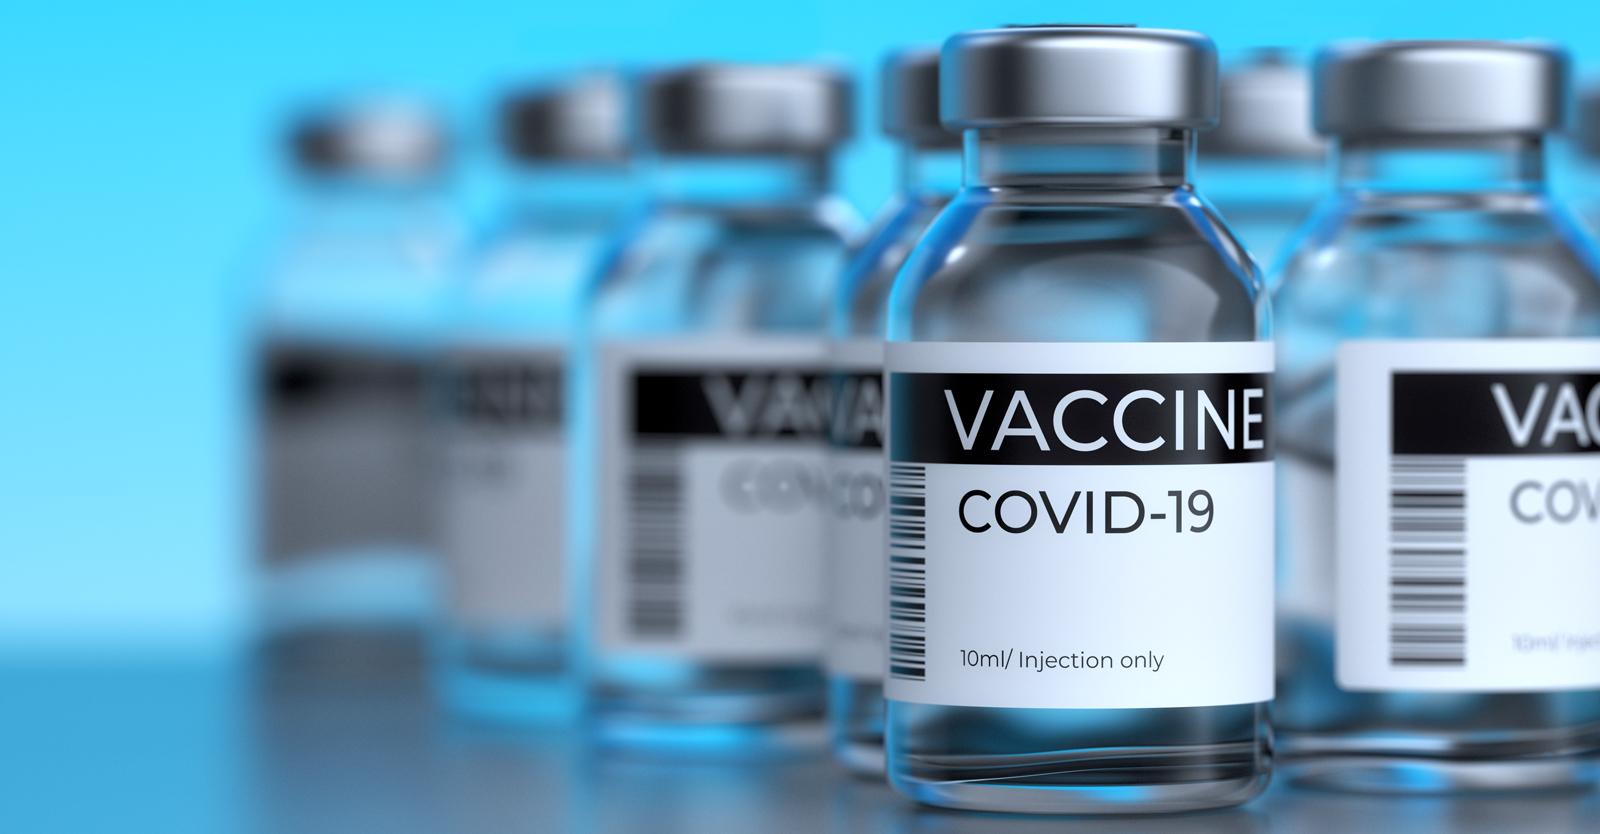 arts-aan-fda,-cdc:-in-20-jaar-als-arts,-heb-ik-nog-nooit-zoveel-vaccinatie-gerelateerde-verwondingen-gezien